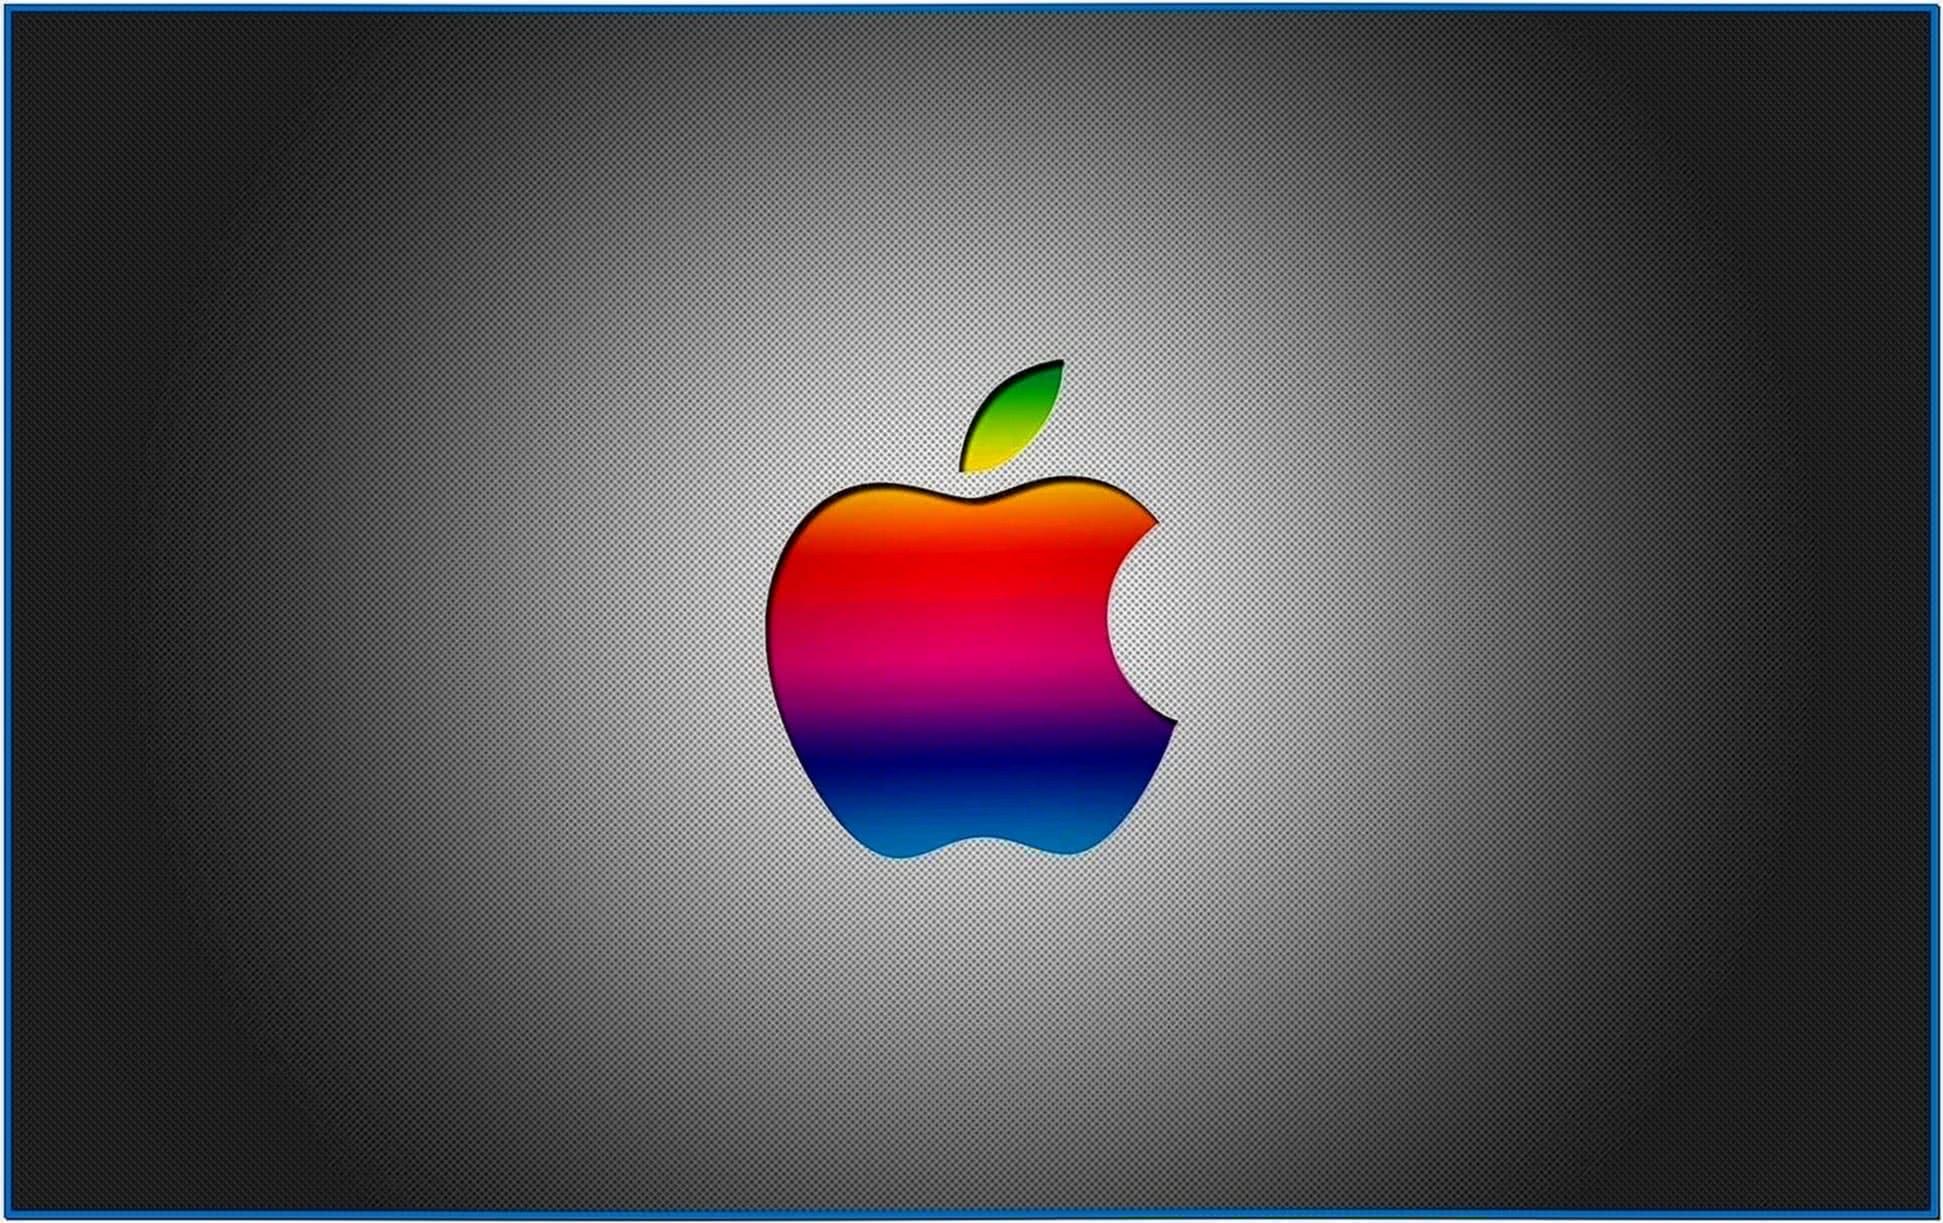 Image Cool Mac Screensavers Download